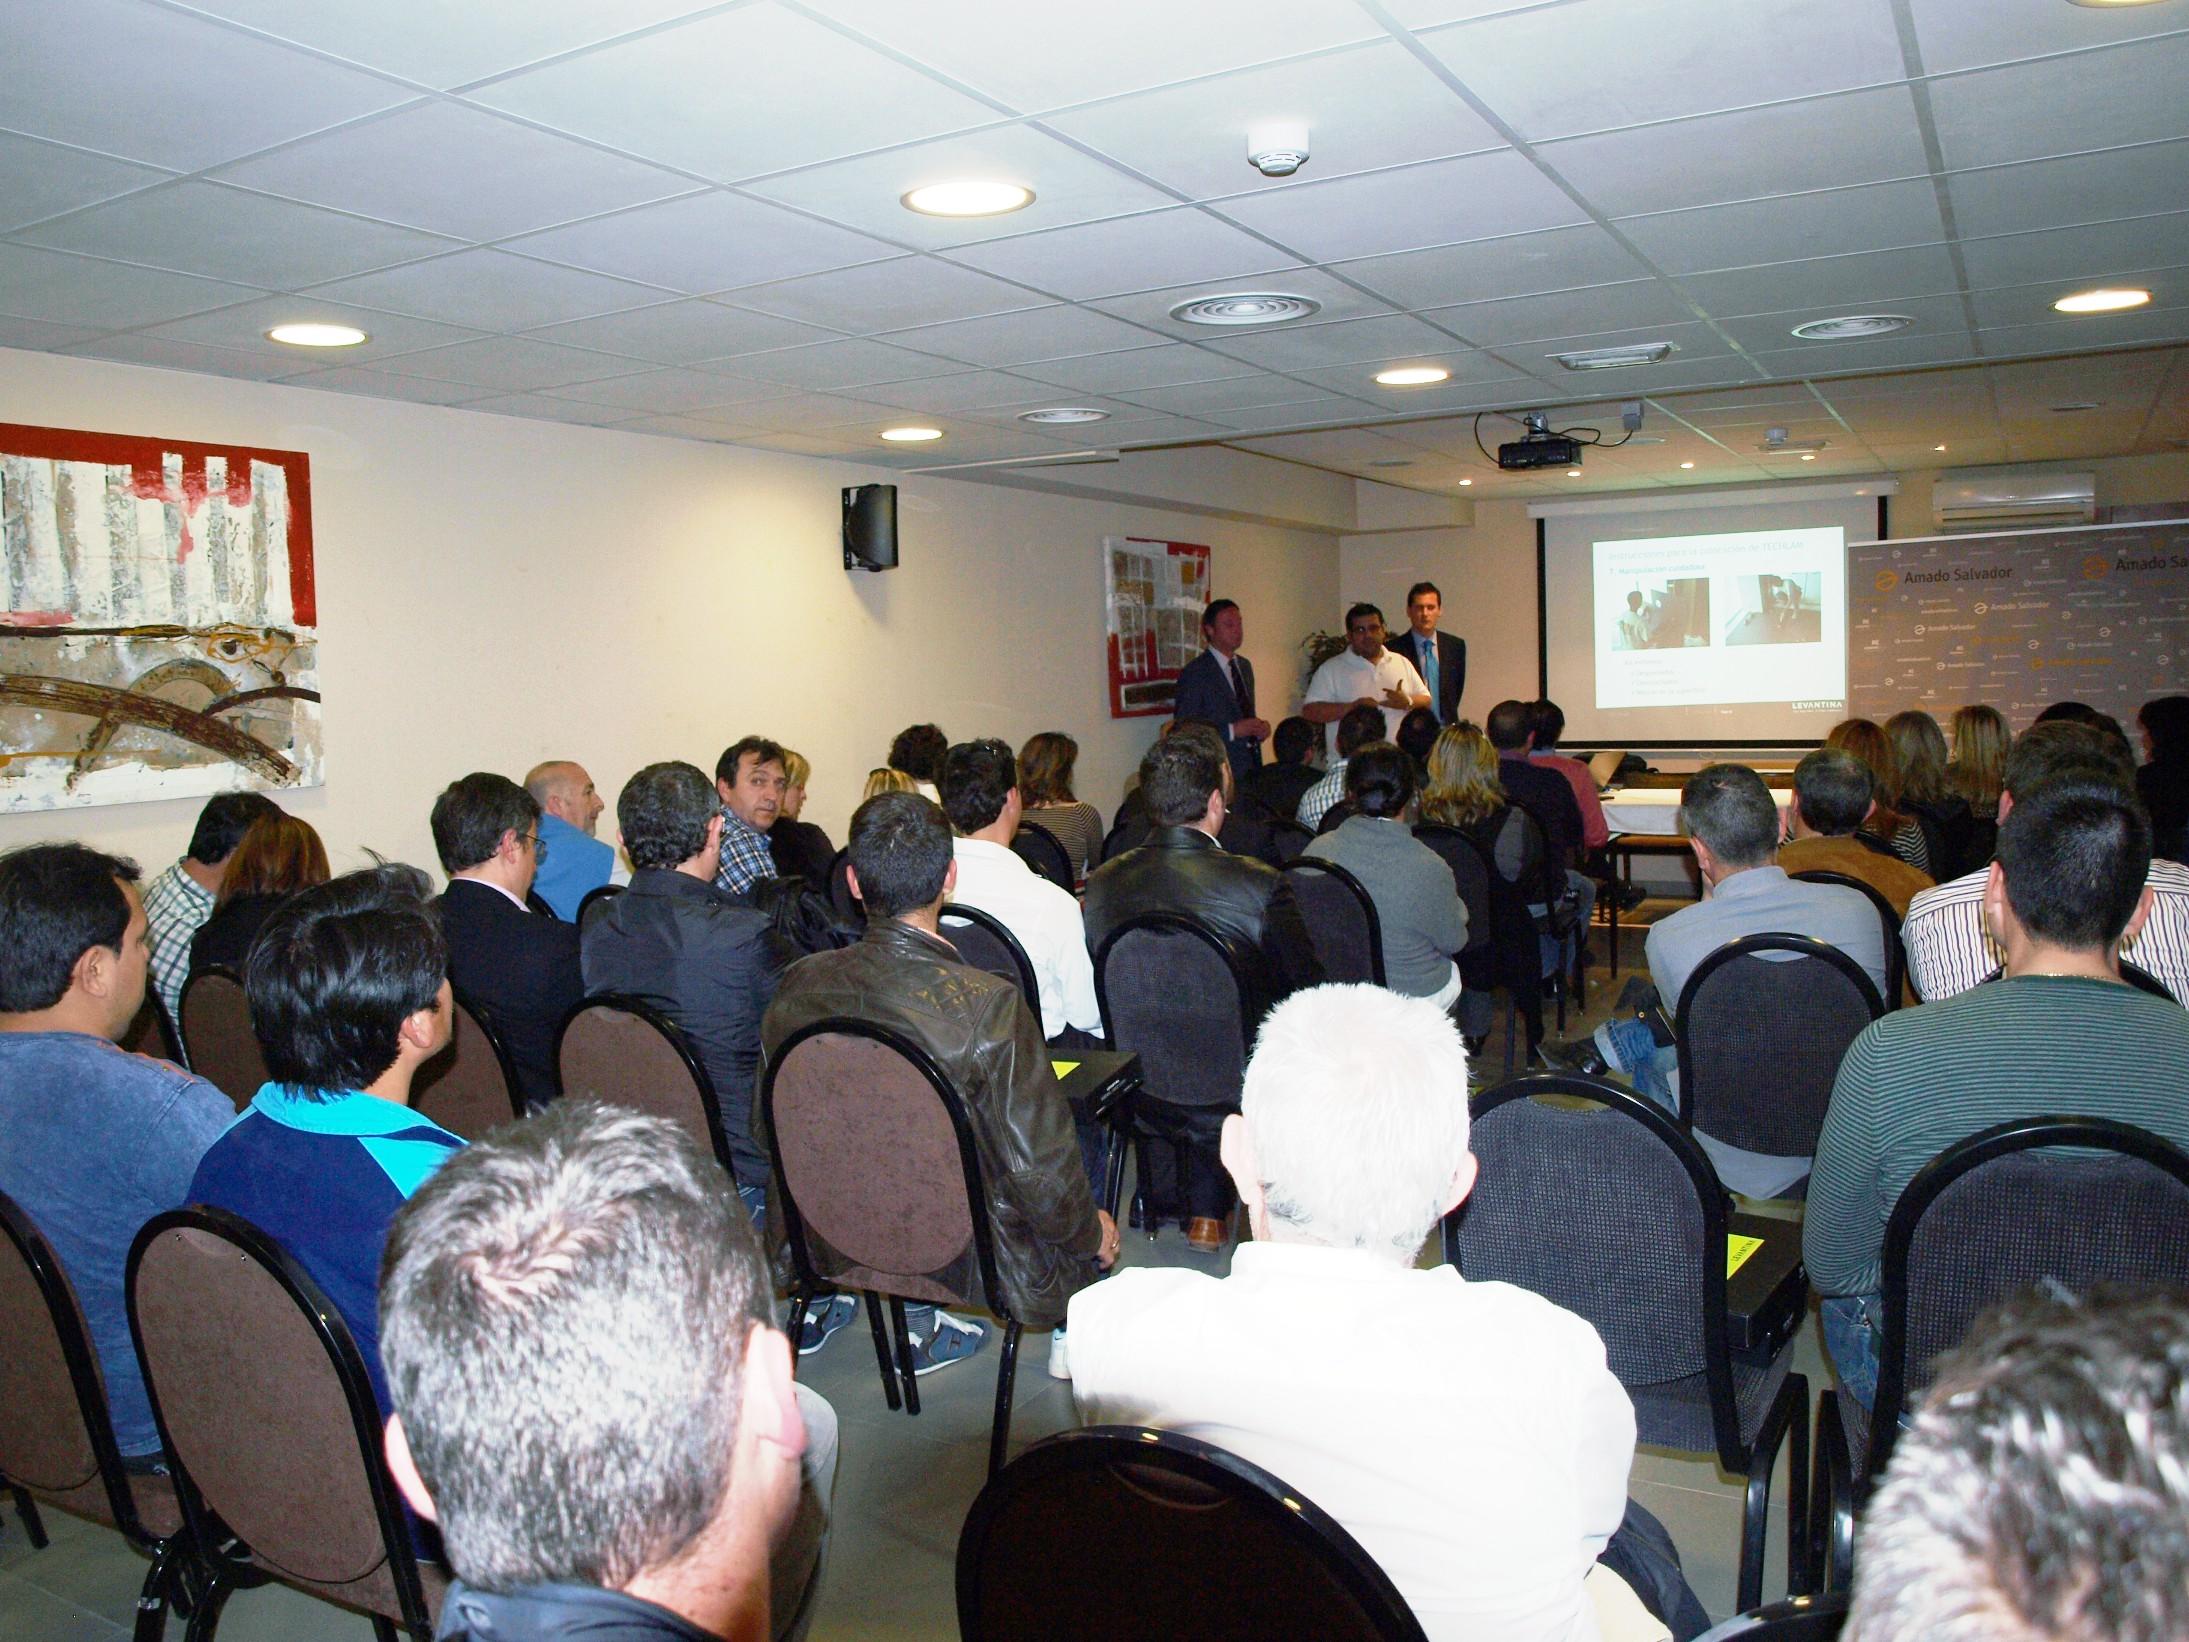 Techlam presentation of levantina amado salvador - Amado salvador ...